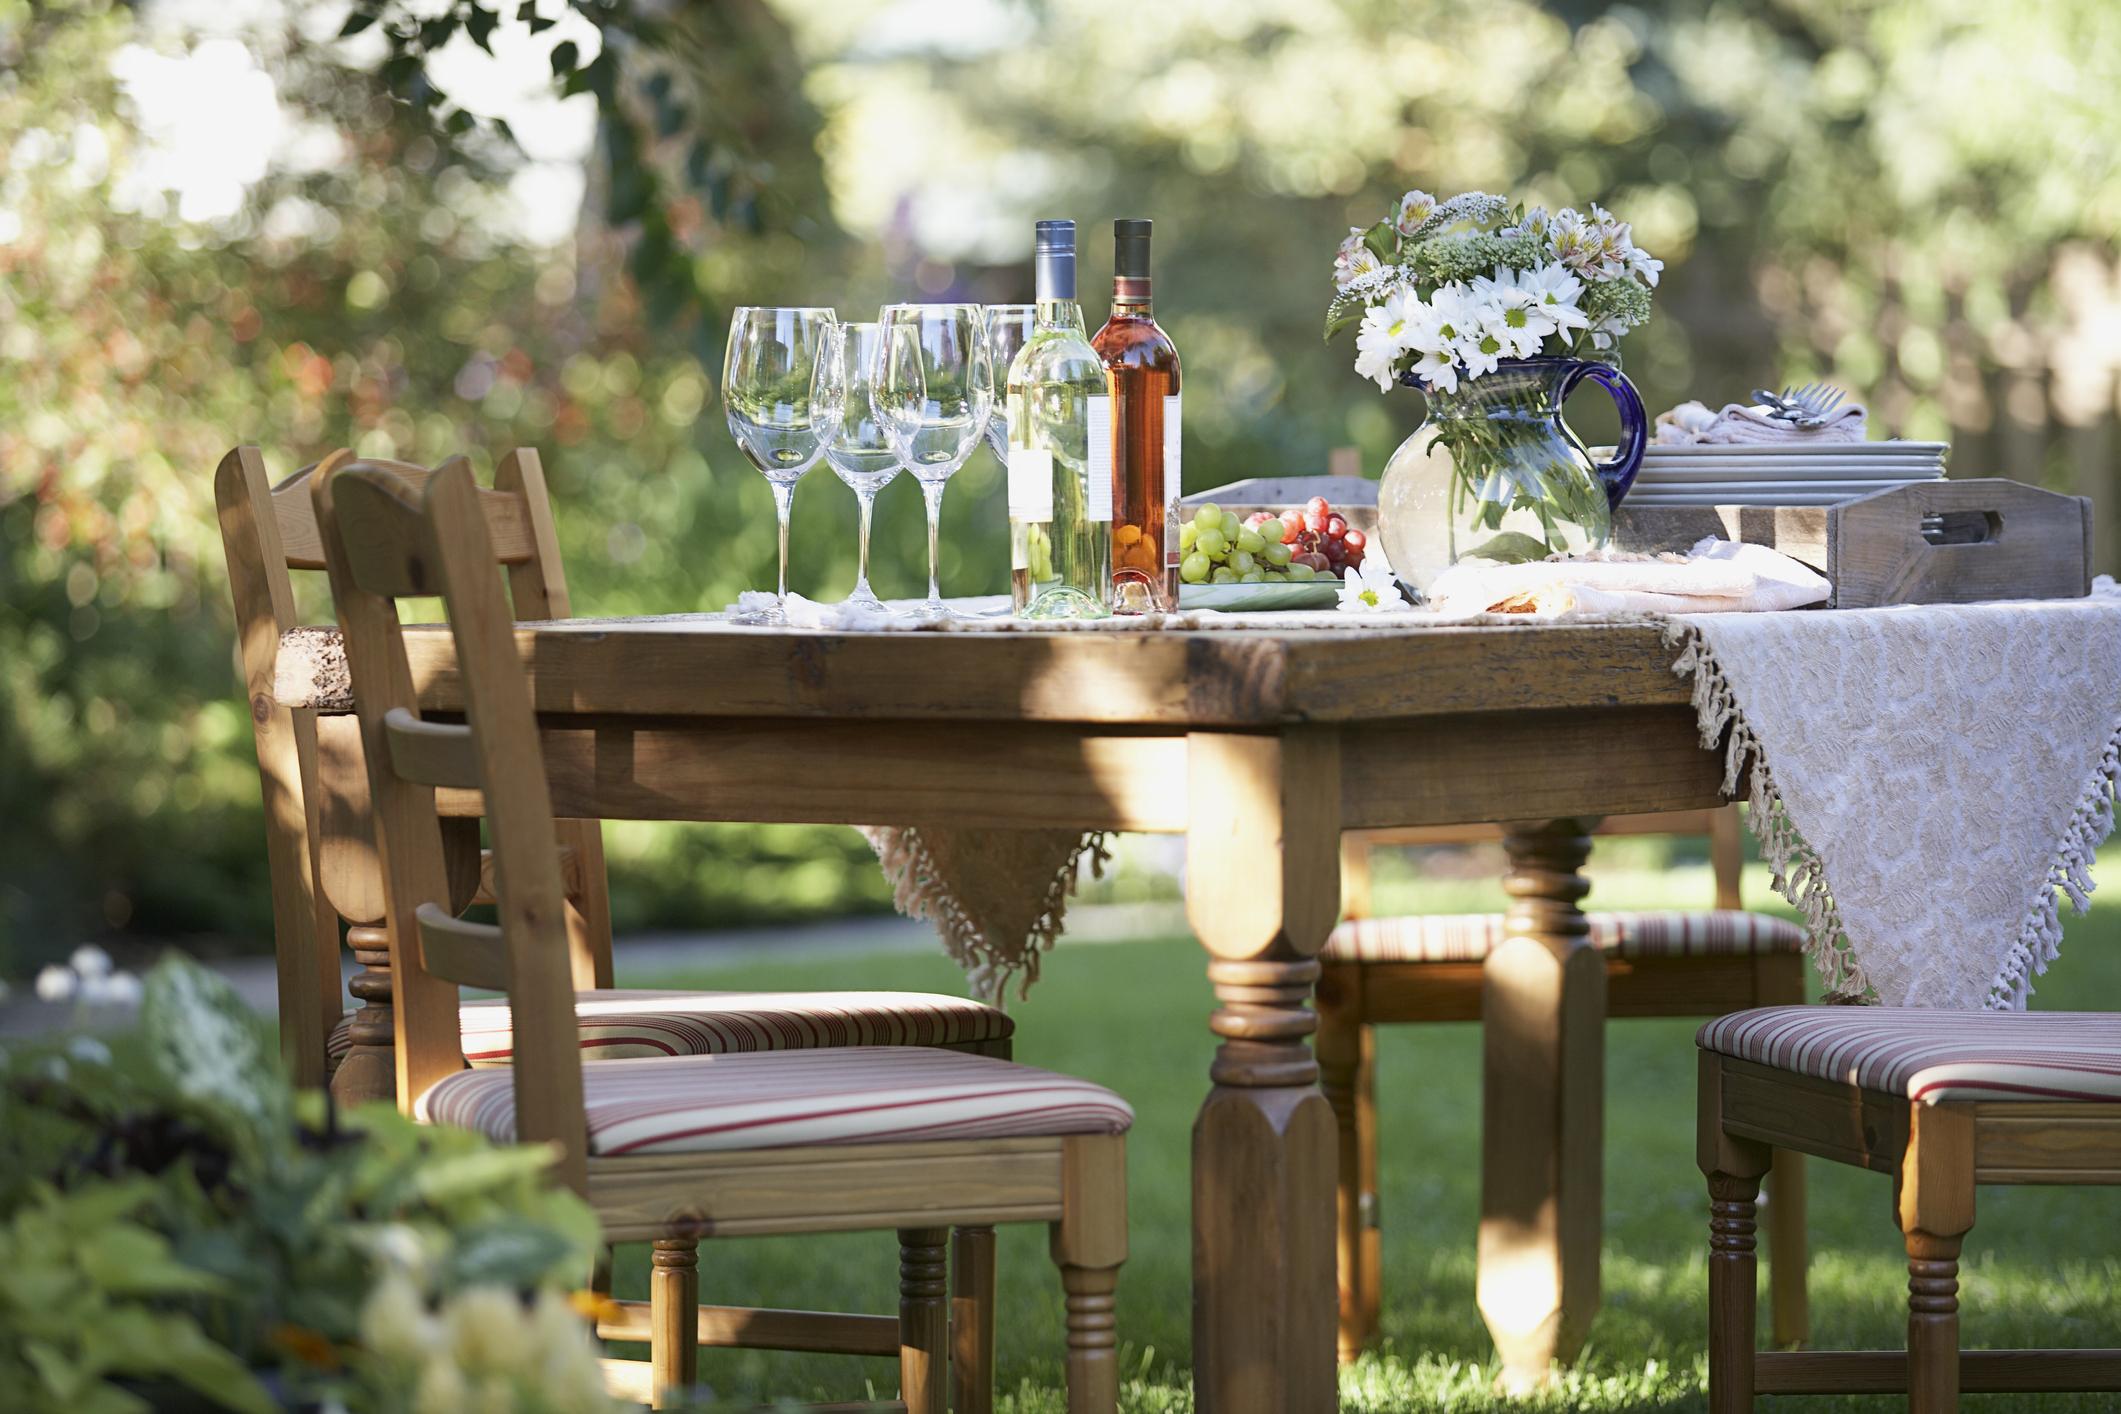 manger dehors et ne pas utiliser le four est un moyen de garder votre maison fraîche en été